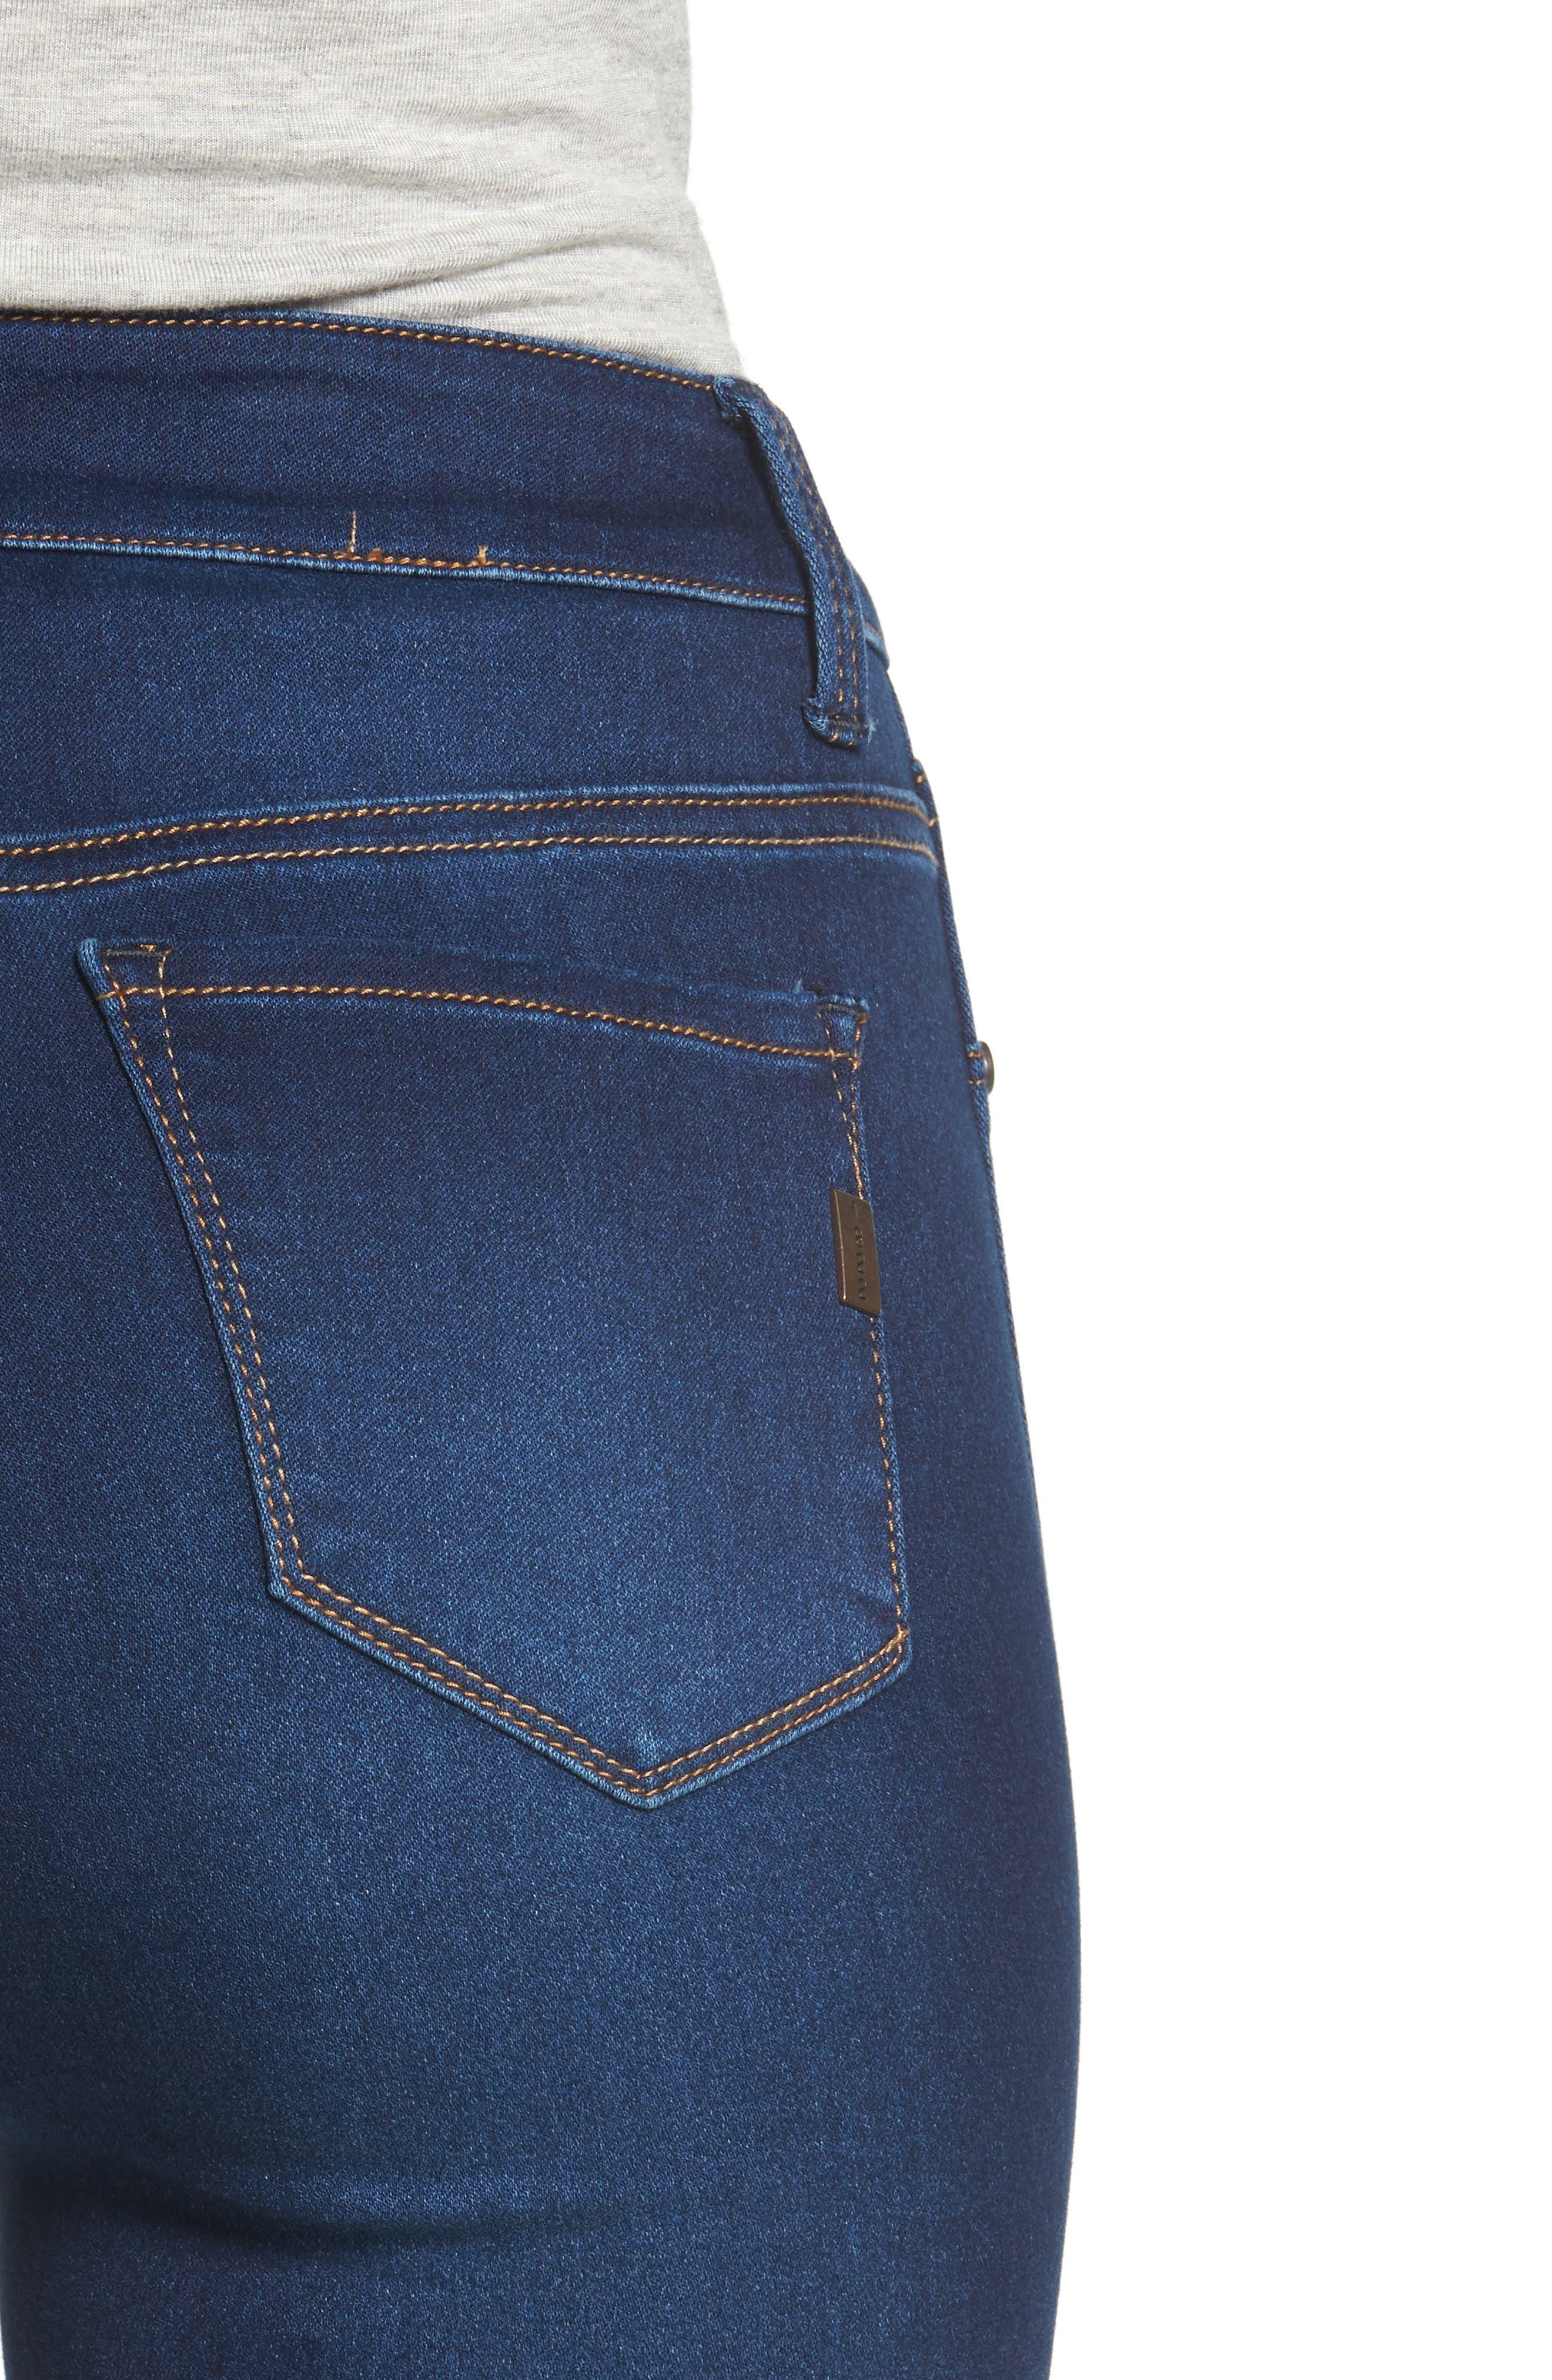 1822 DENIM,                             Butter High Rise Skinny Jeans,                             Alternate thumbnail 4, color,                             LENNOX